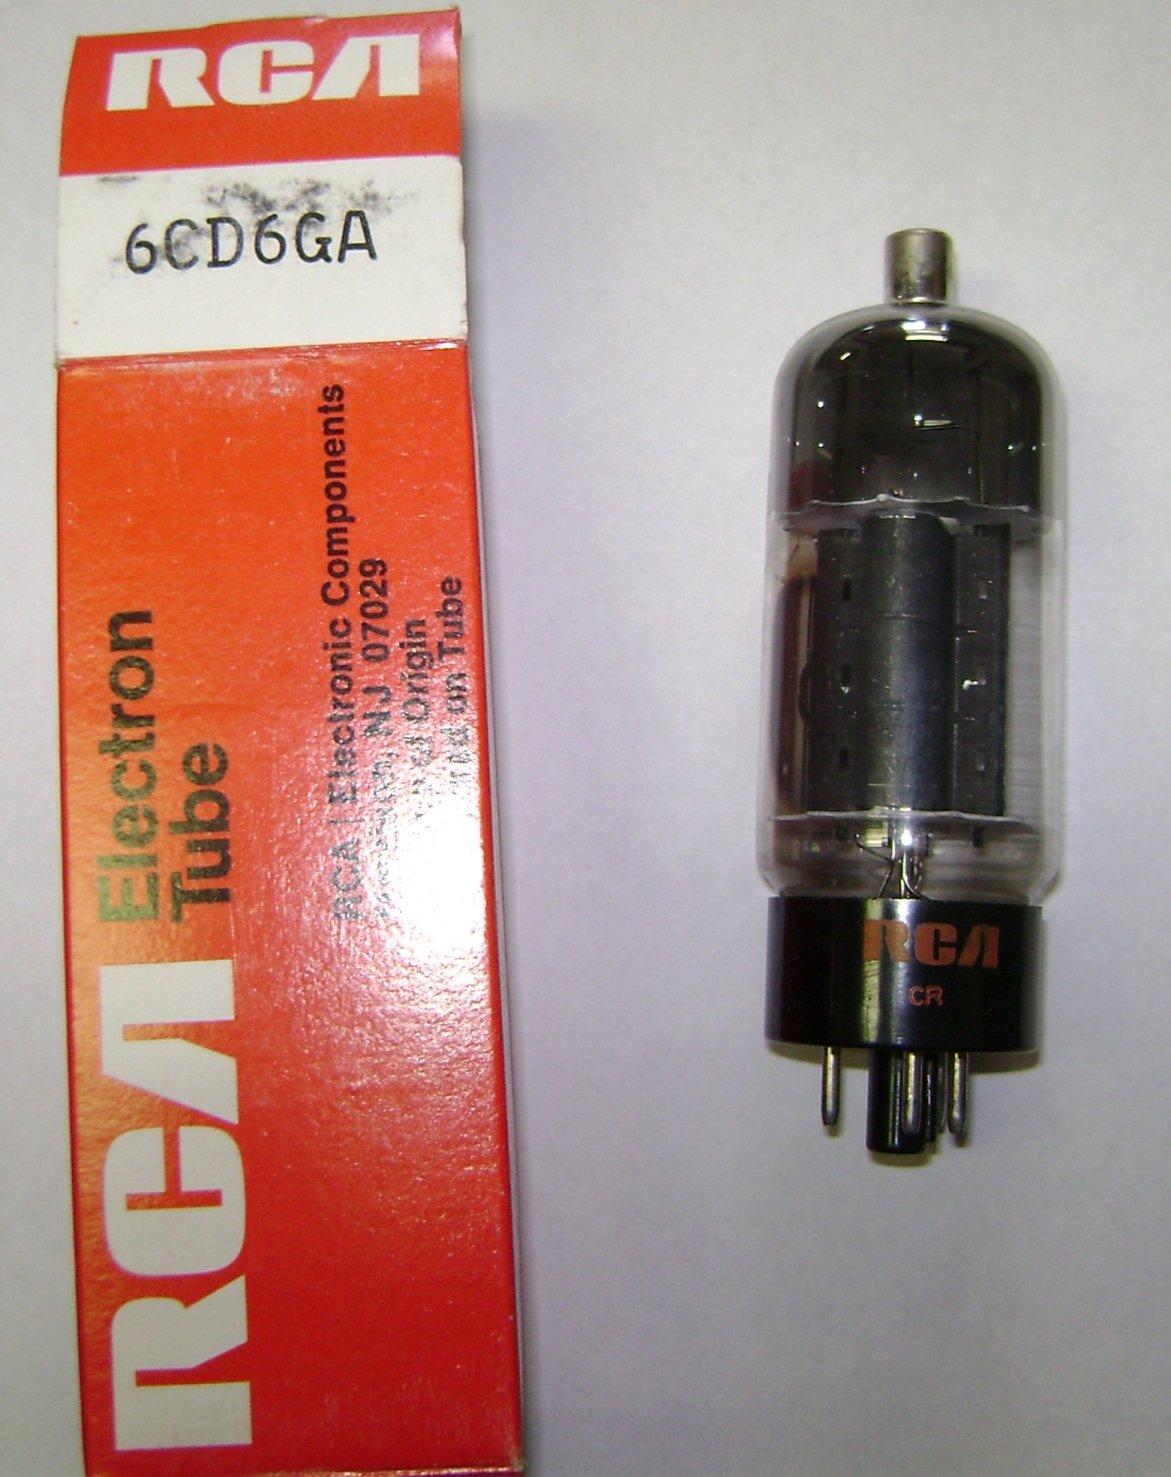 6cd6ga Vacuum Tube RCA